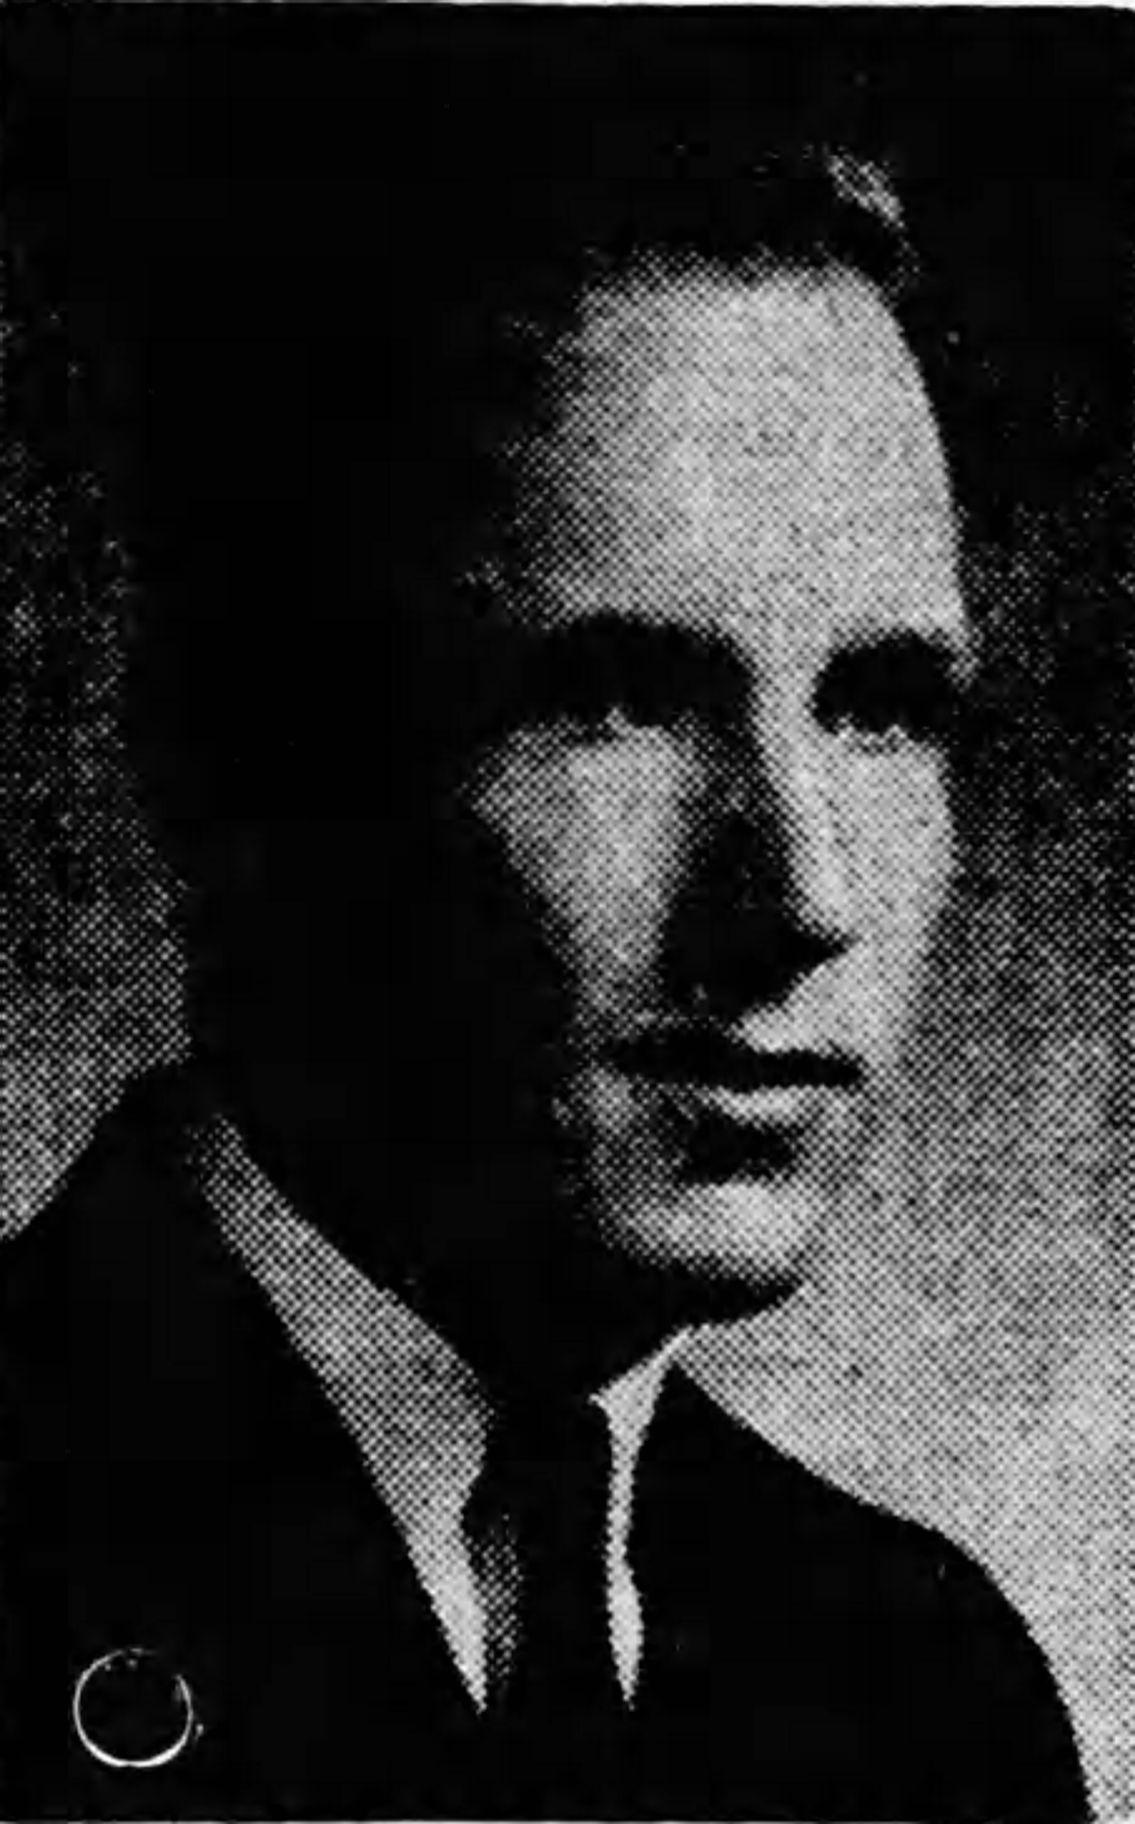 James Loewen